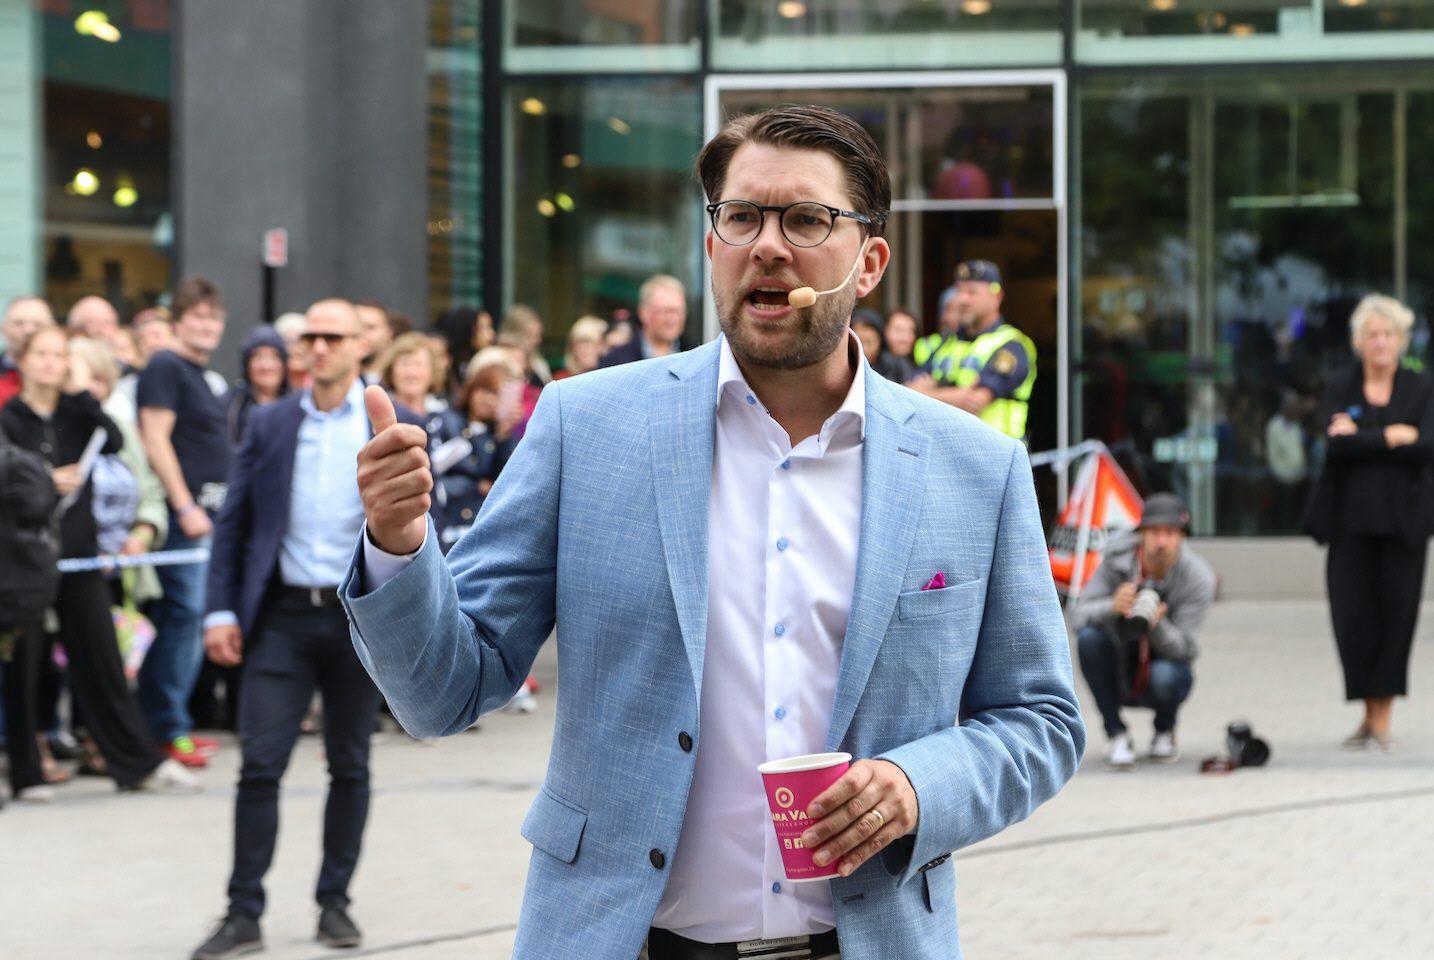 Sverigedemokraternas partiledare Jimmie Åkesson vill se mindre pengar till Sveriges bistånd.